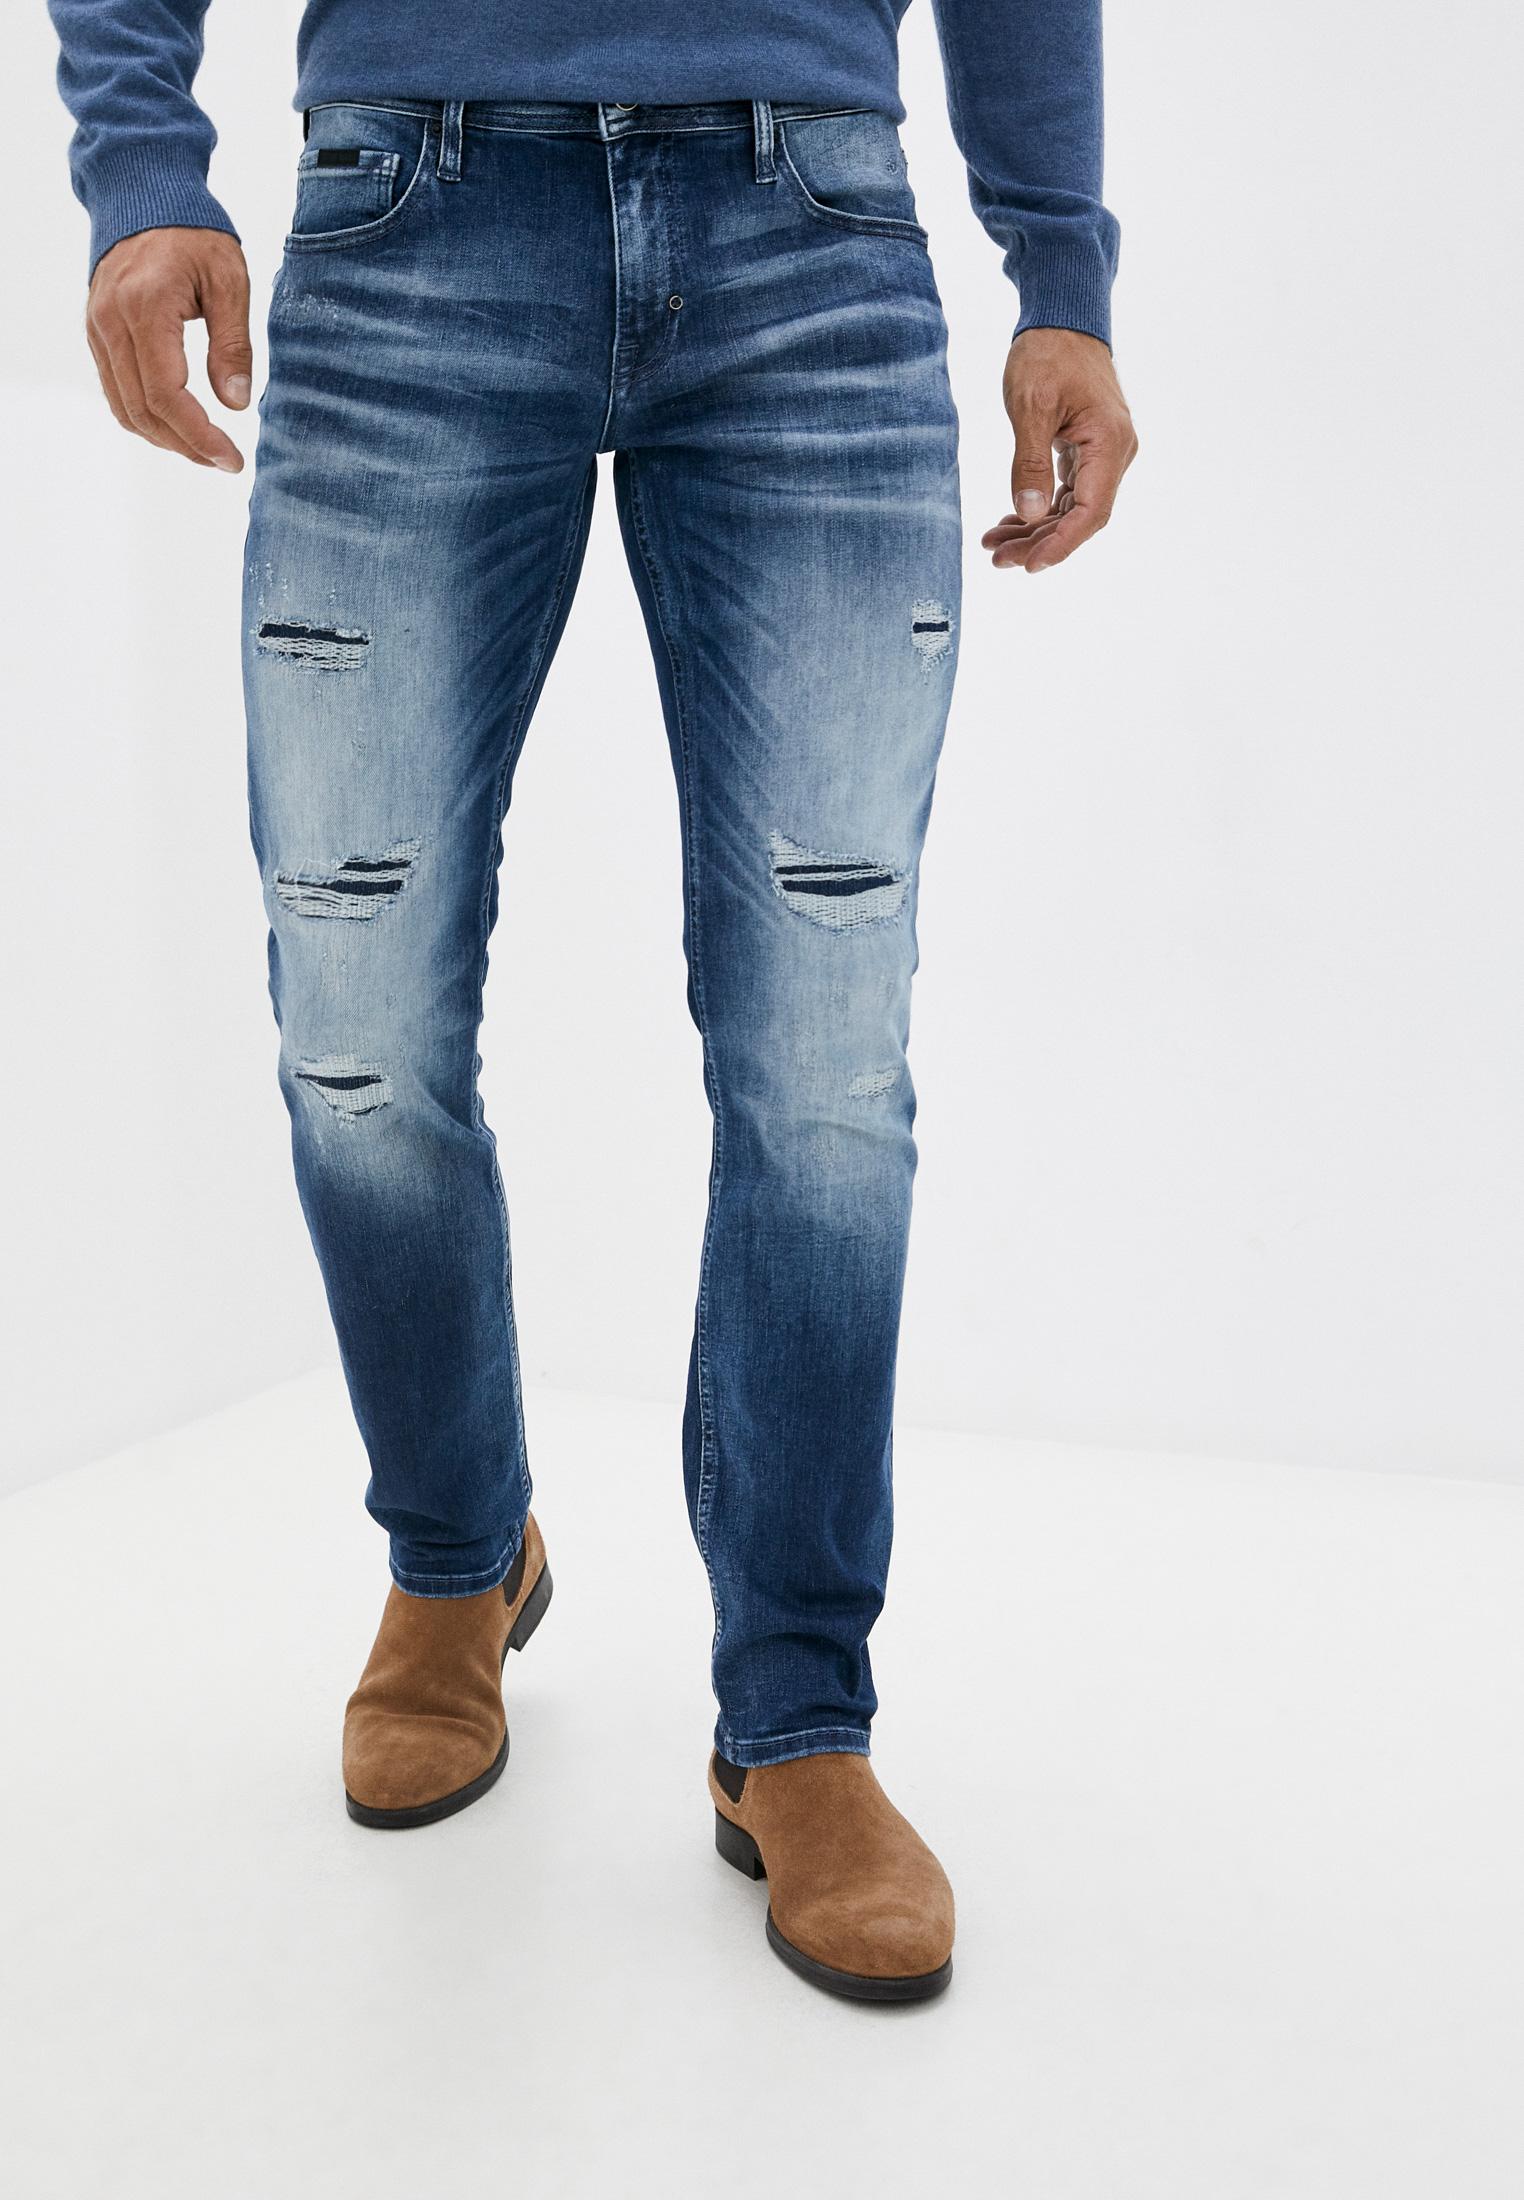 Зауженные джинсы Antony Morato Джинсы Antony Morato